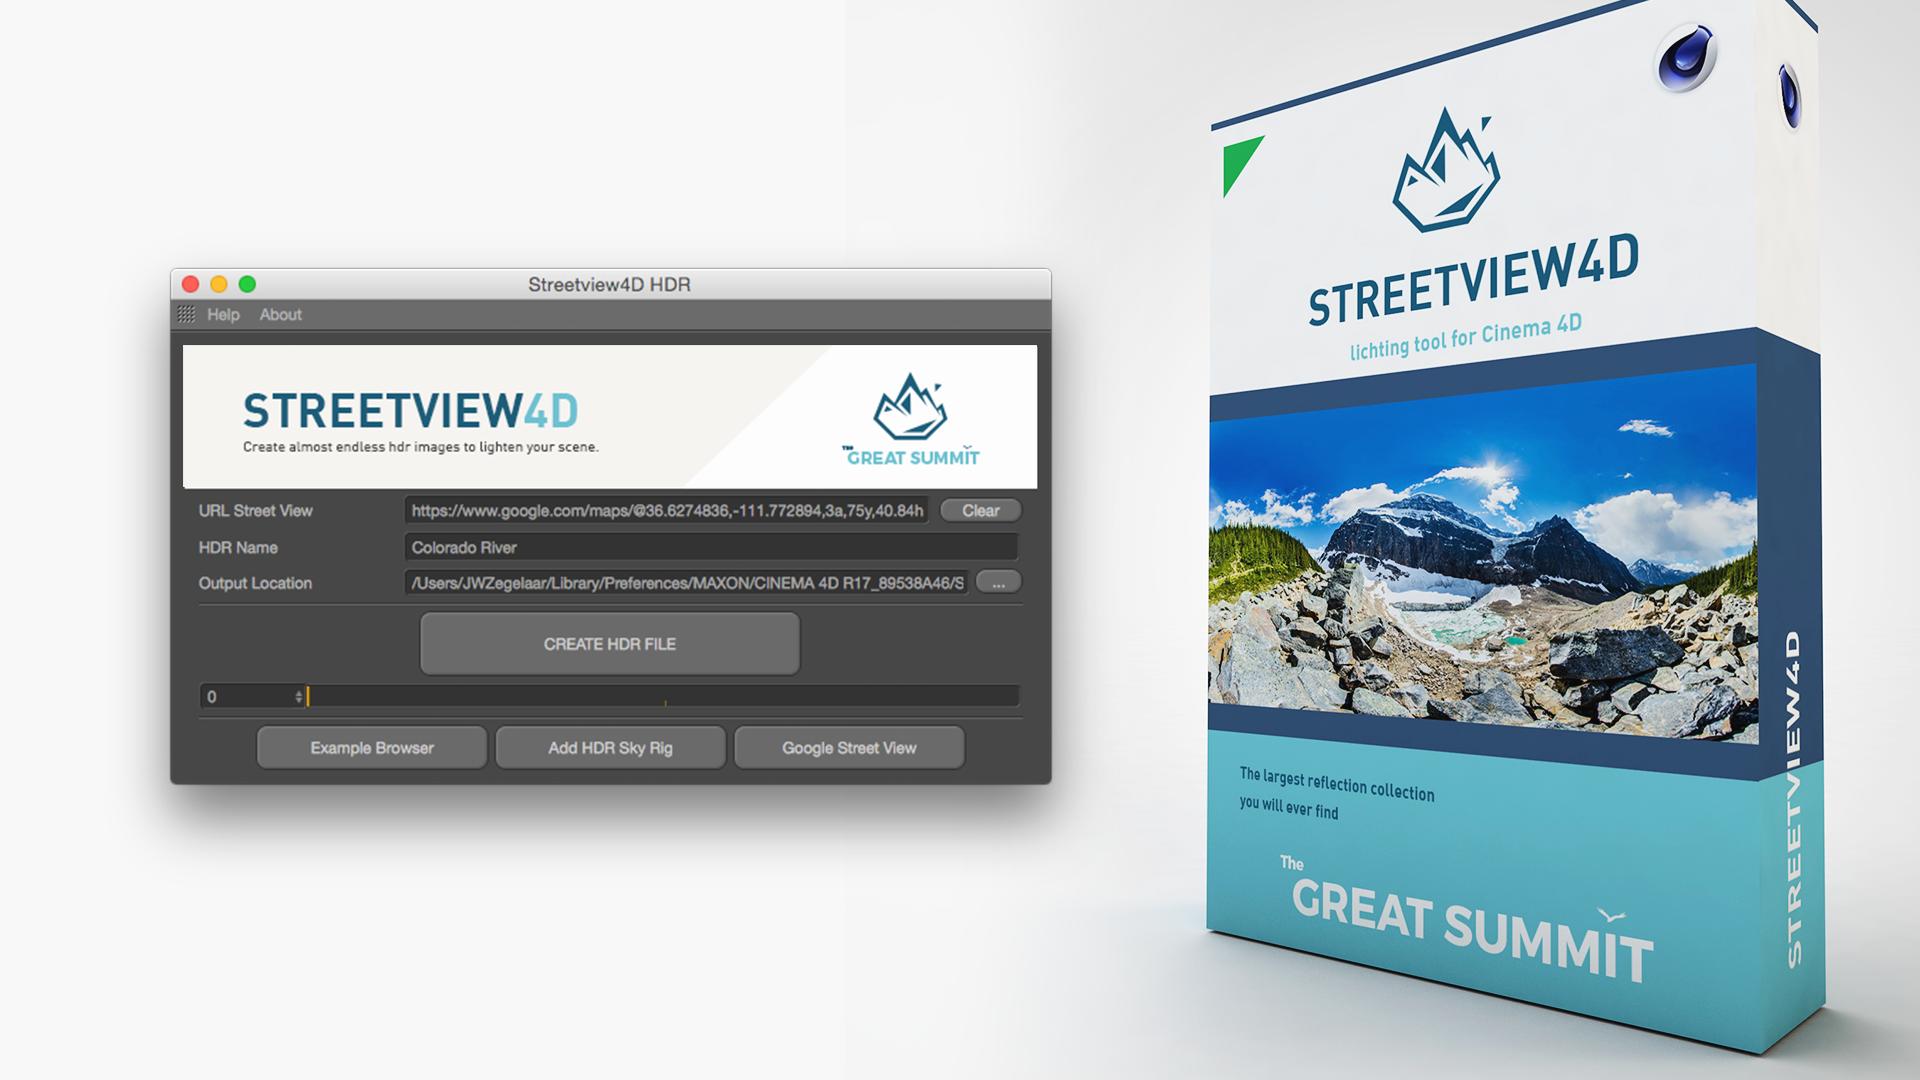 Streetview4D